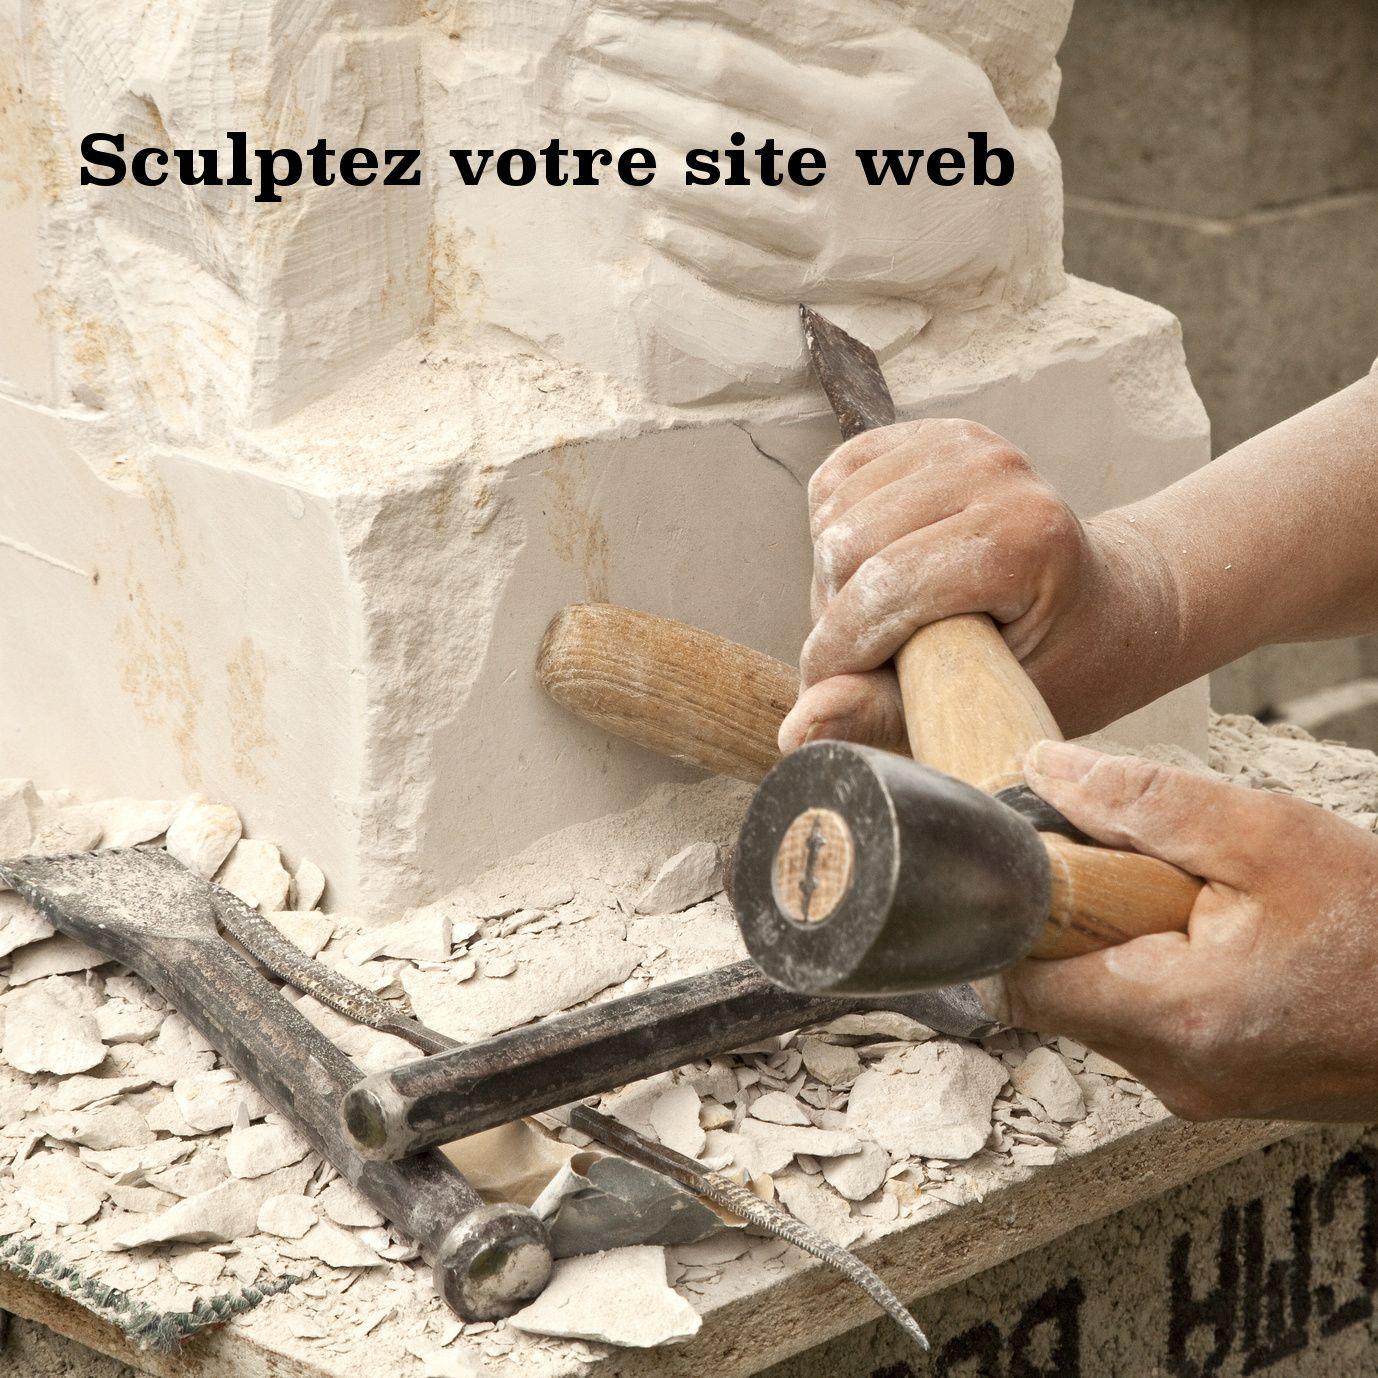 Sculptez votre site web